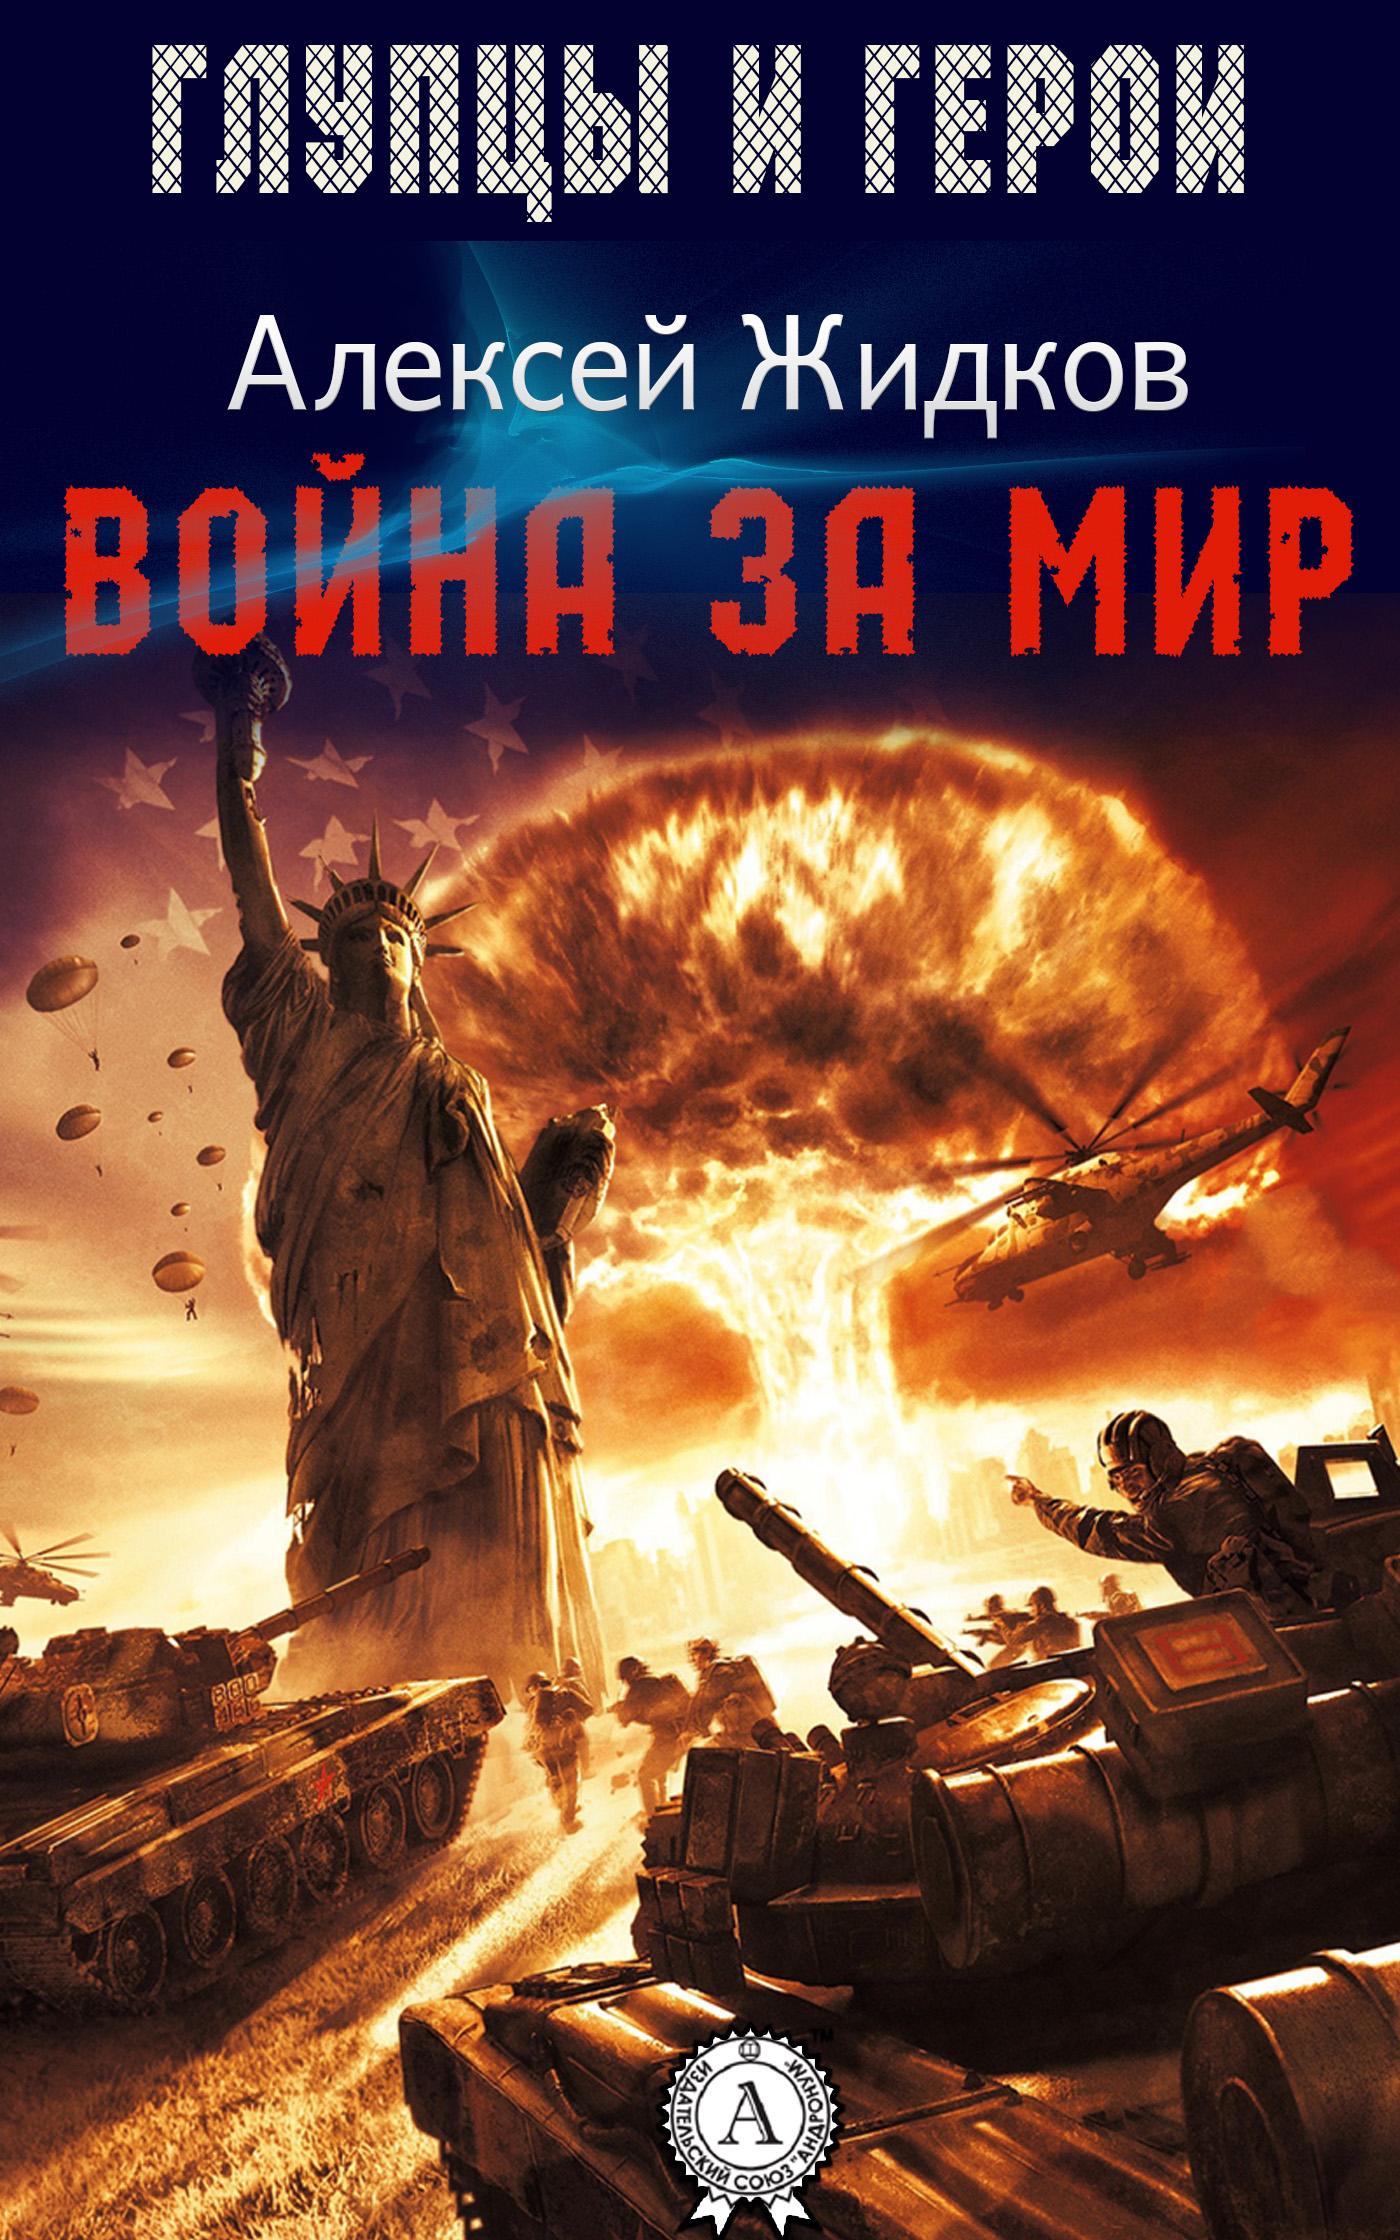 Скачать война и мир книга txt бесплатно